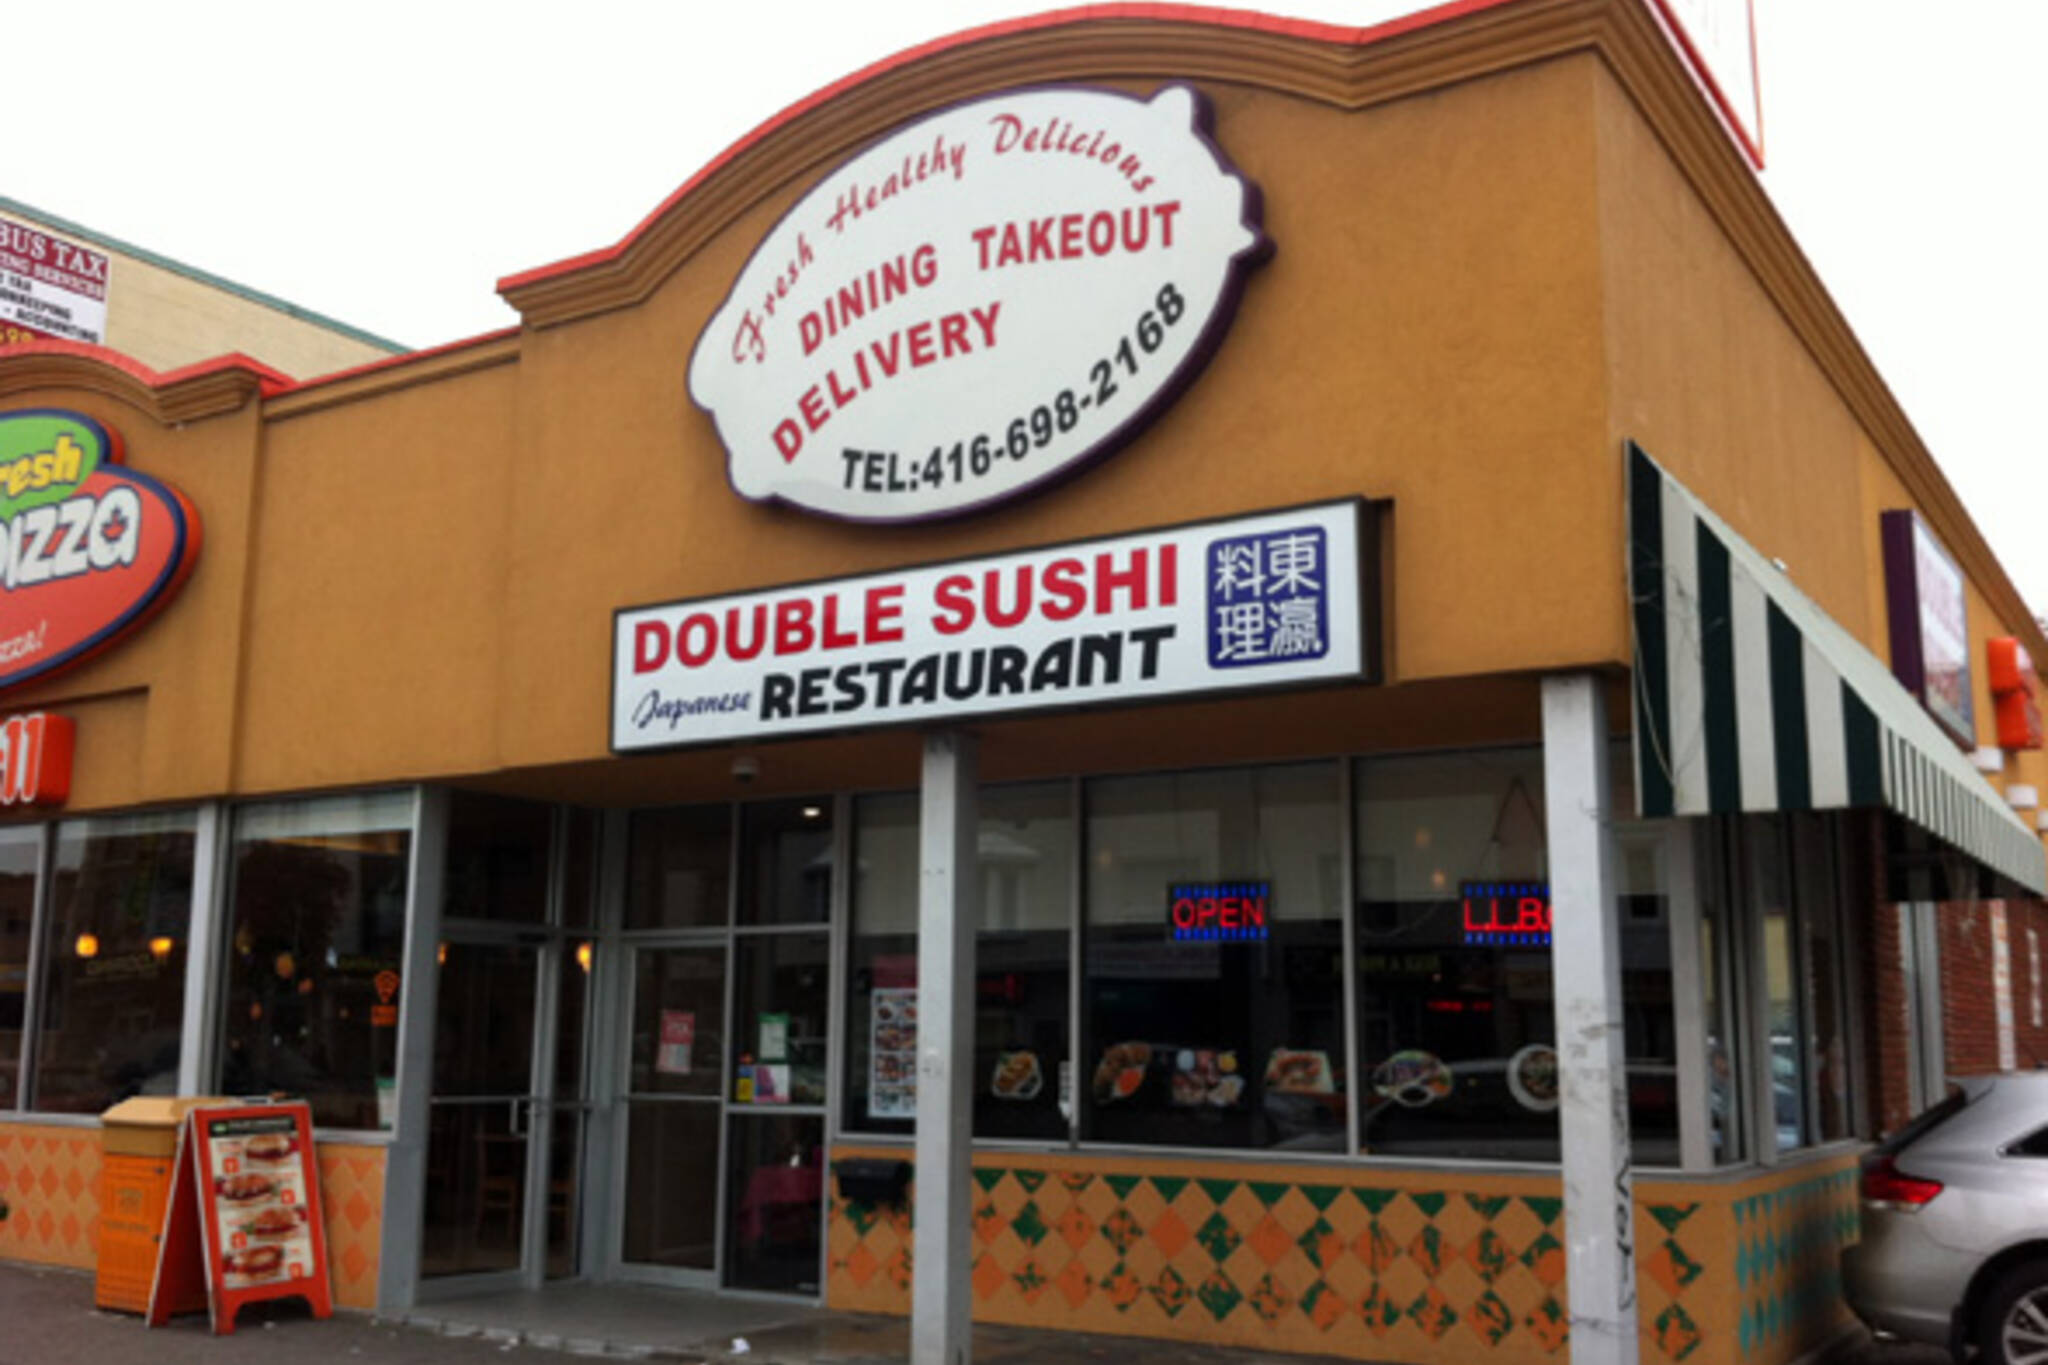 Double Sushi